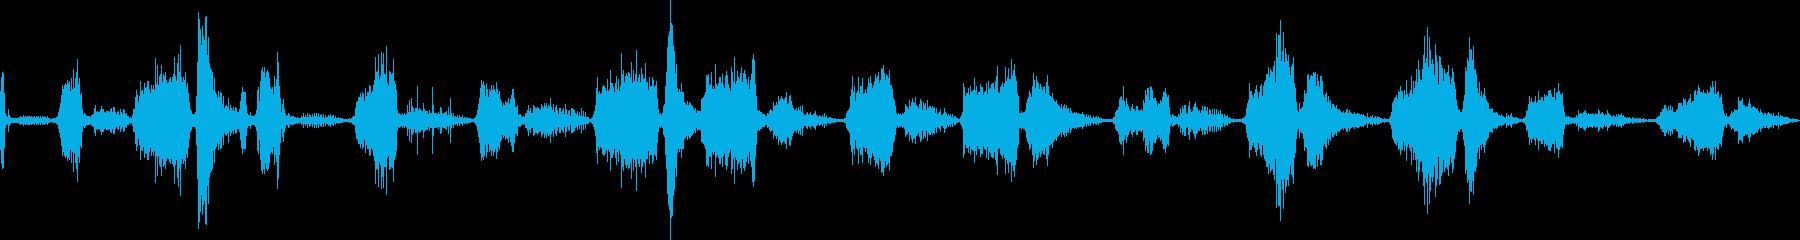 タイガーグロール。チャフのうなり声...の再生済みの波形